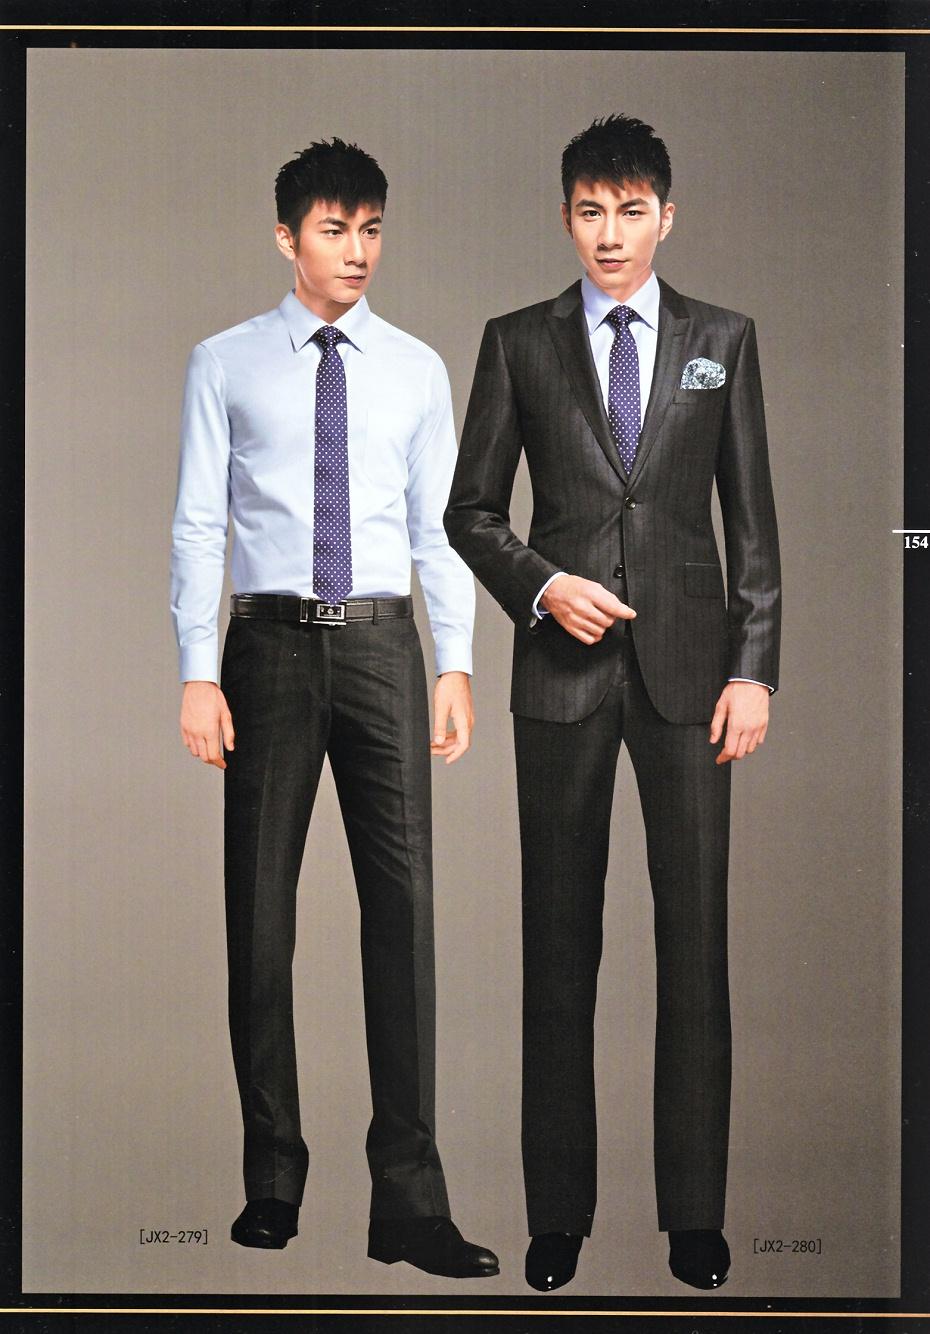 银行的工作服|证券公司员工工作服 男士西服